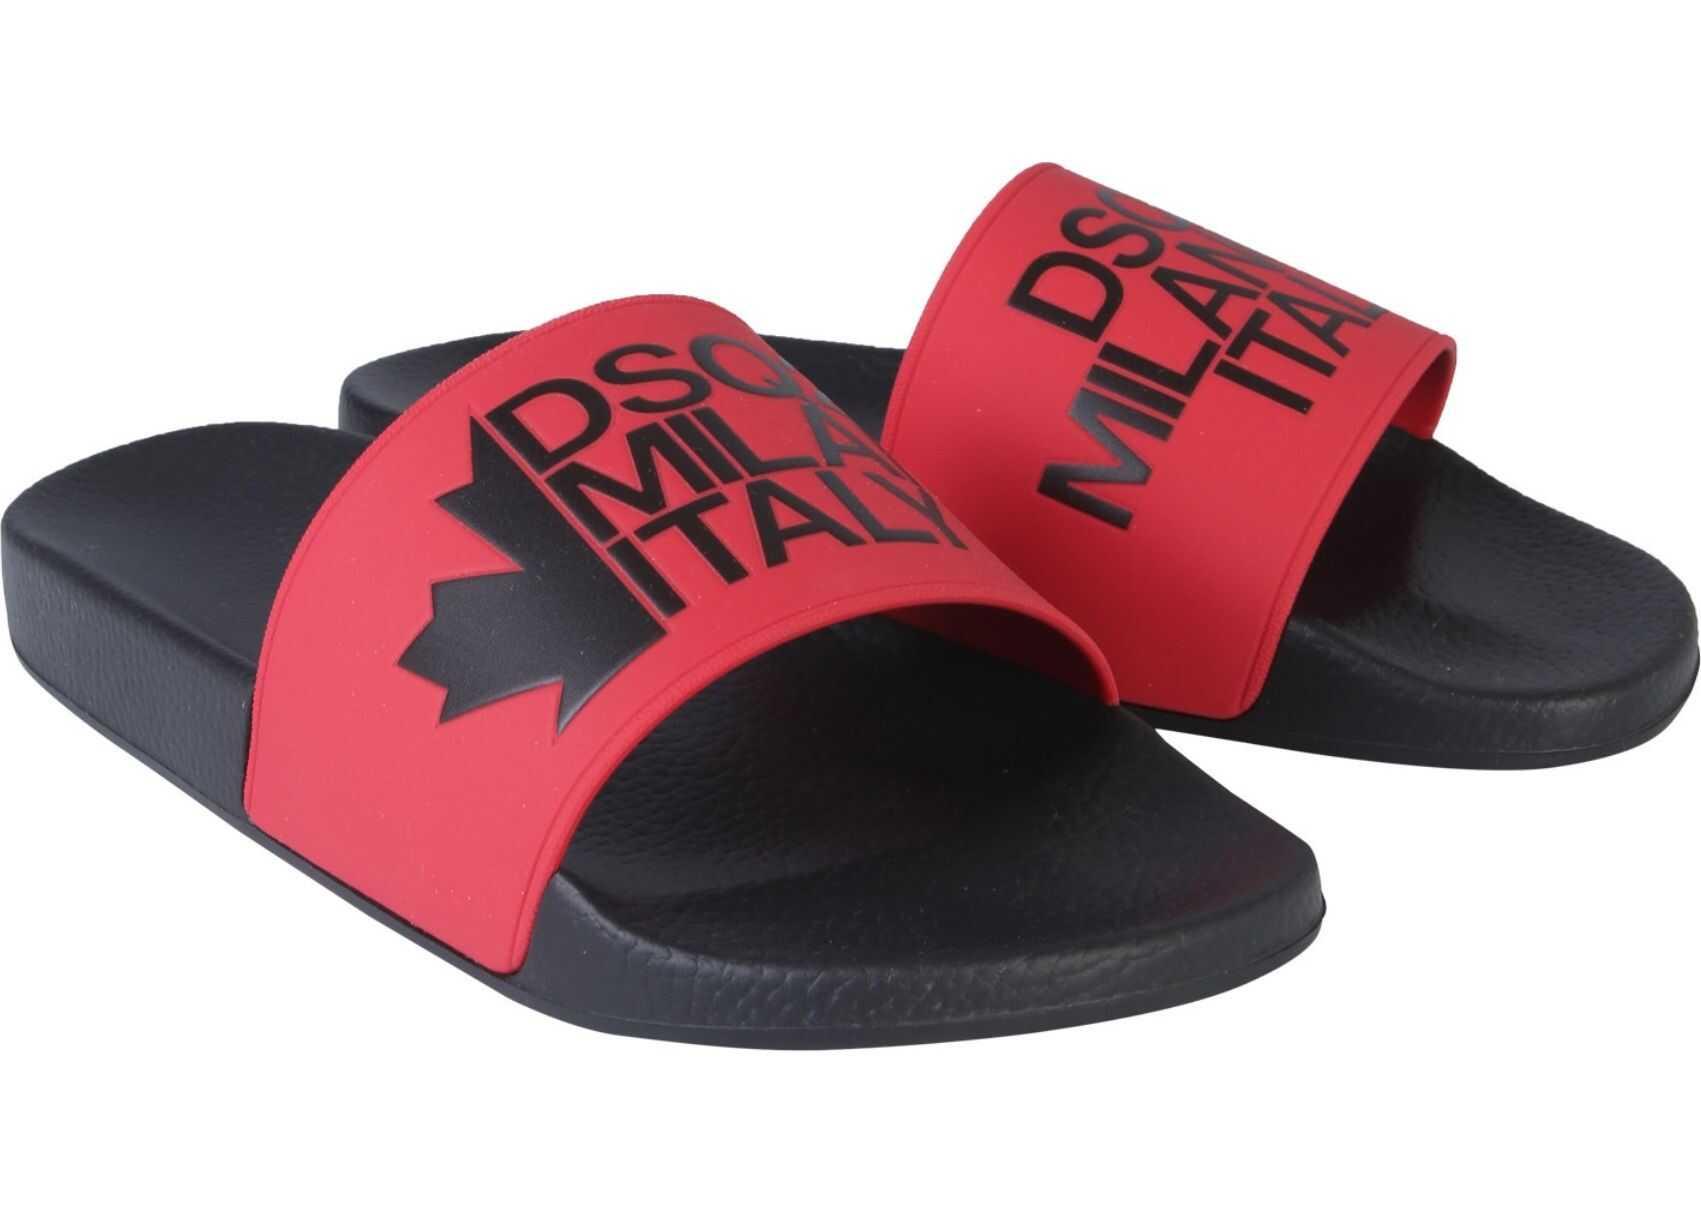 DSQUARED2 Rubber Slide Sandals BLACK